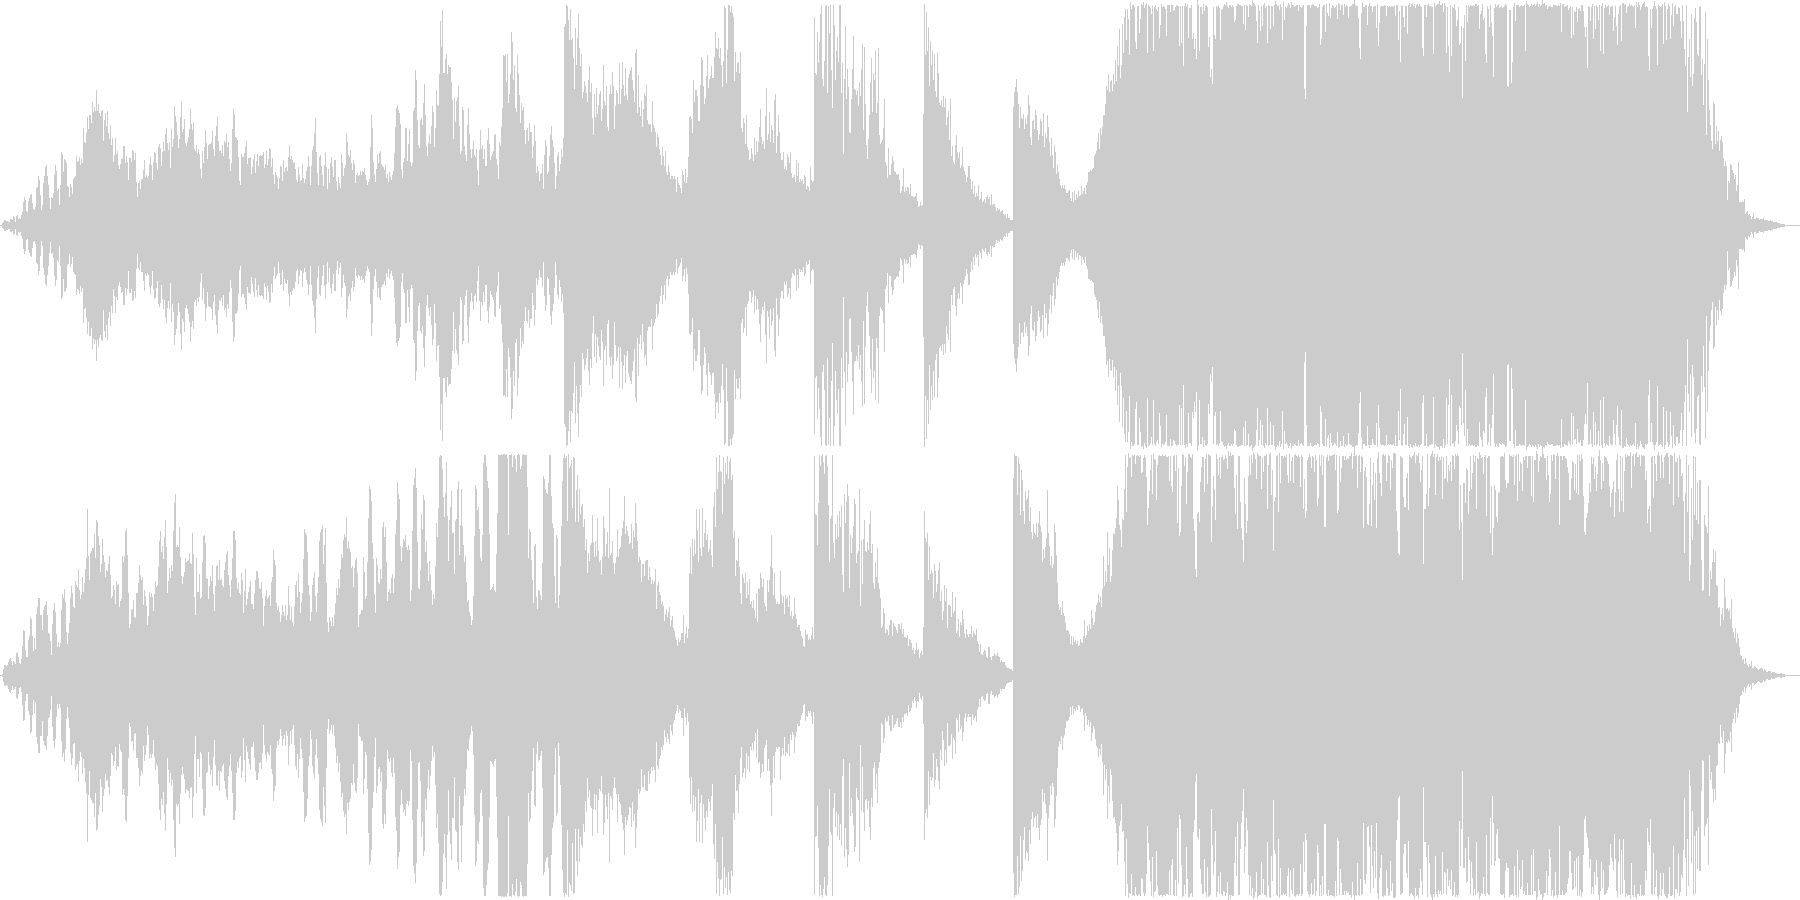 映画等,トレーラー/打楽器主体の未再生の波形